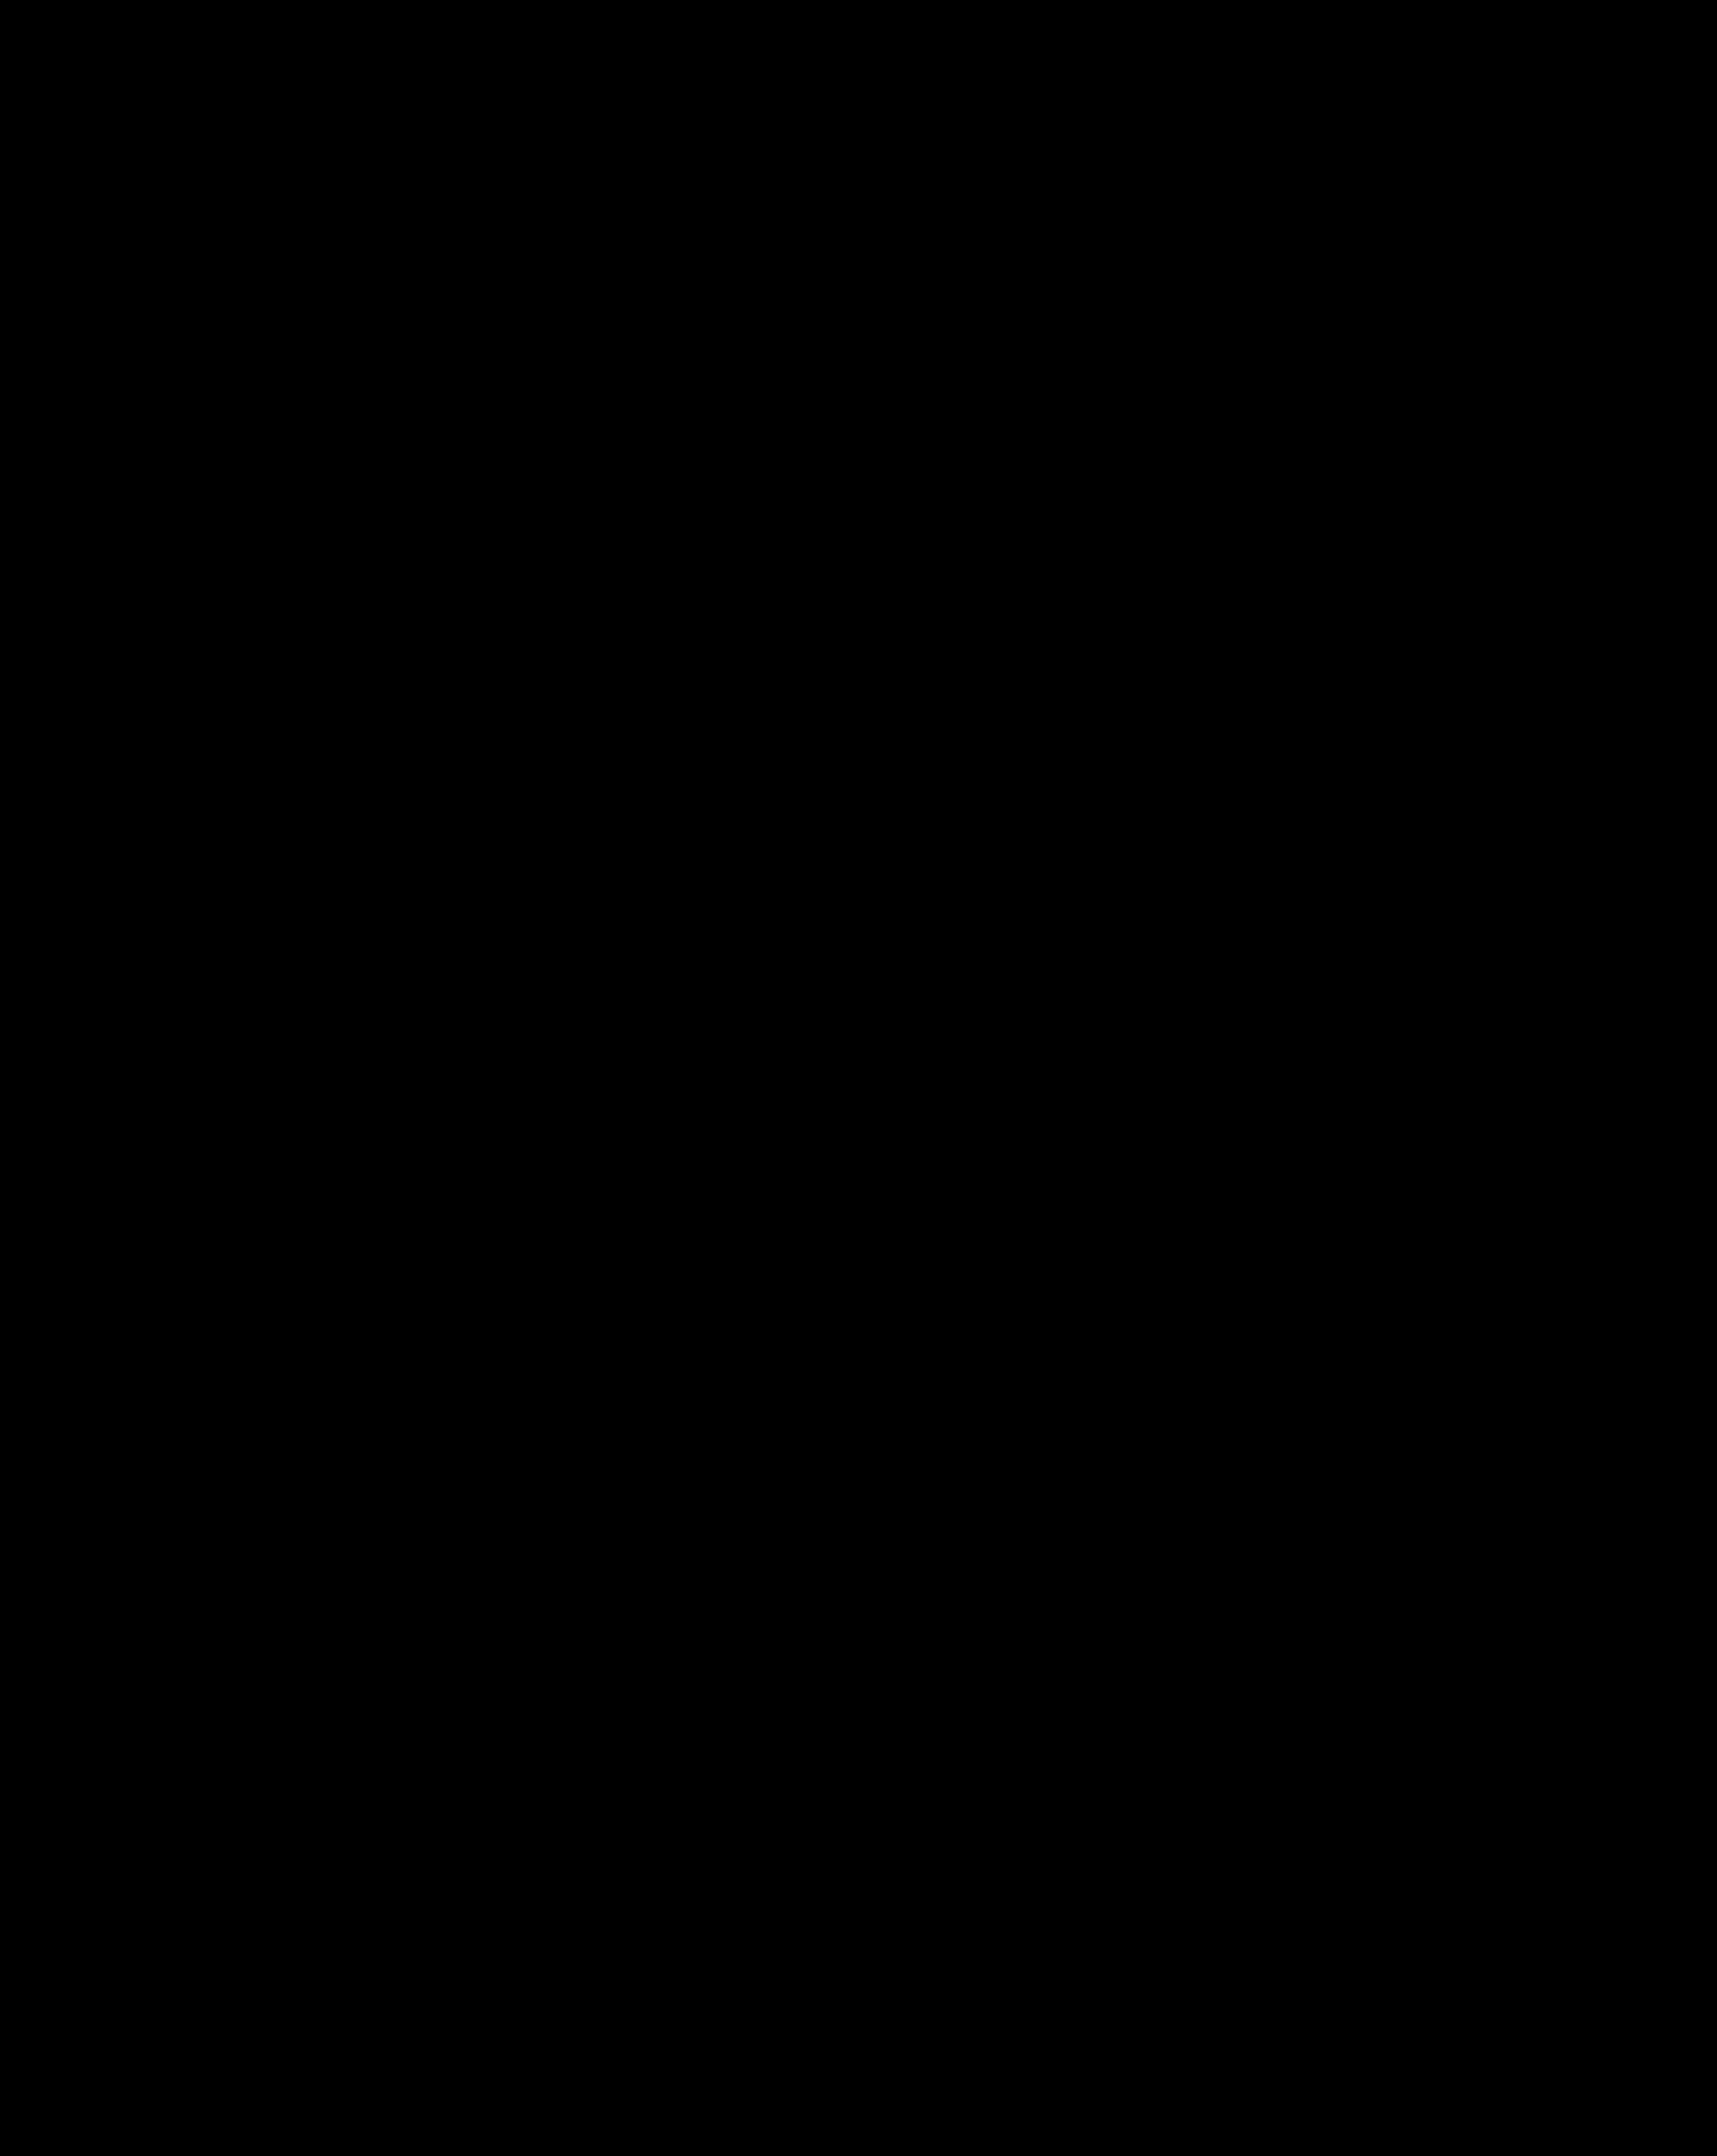 Clipart - Calf Icon